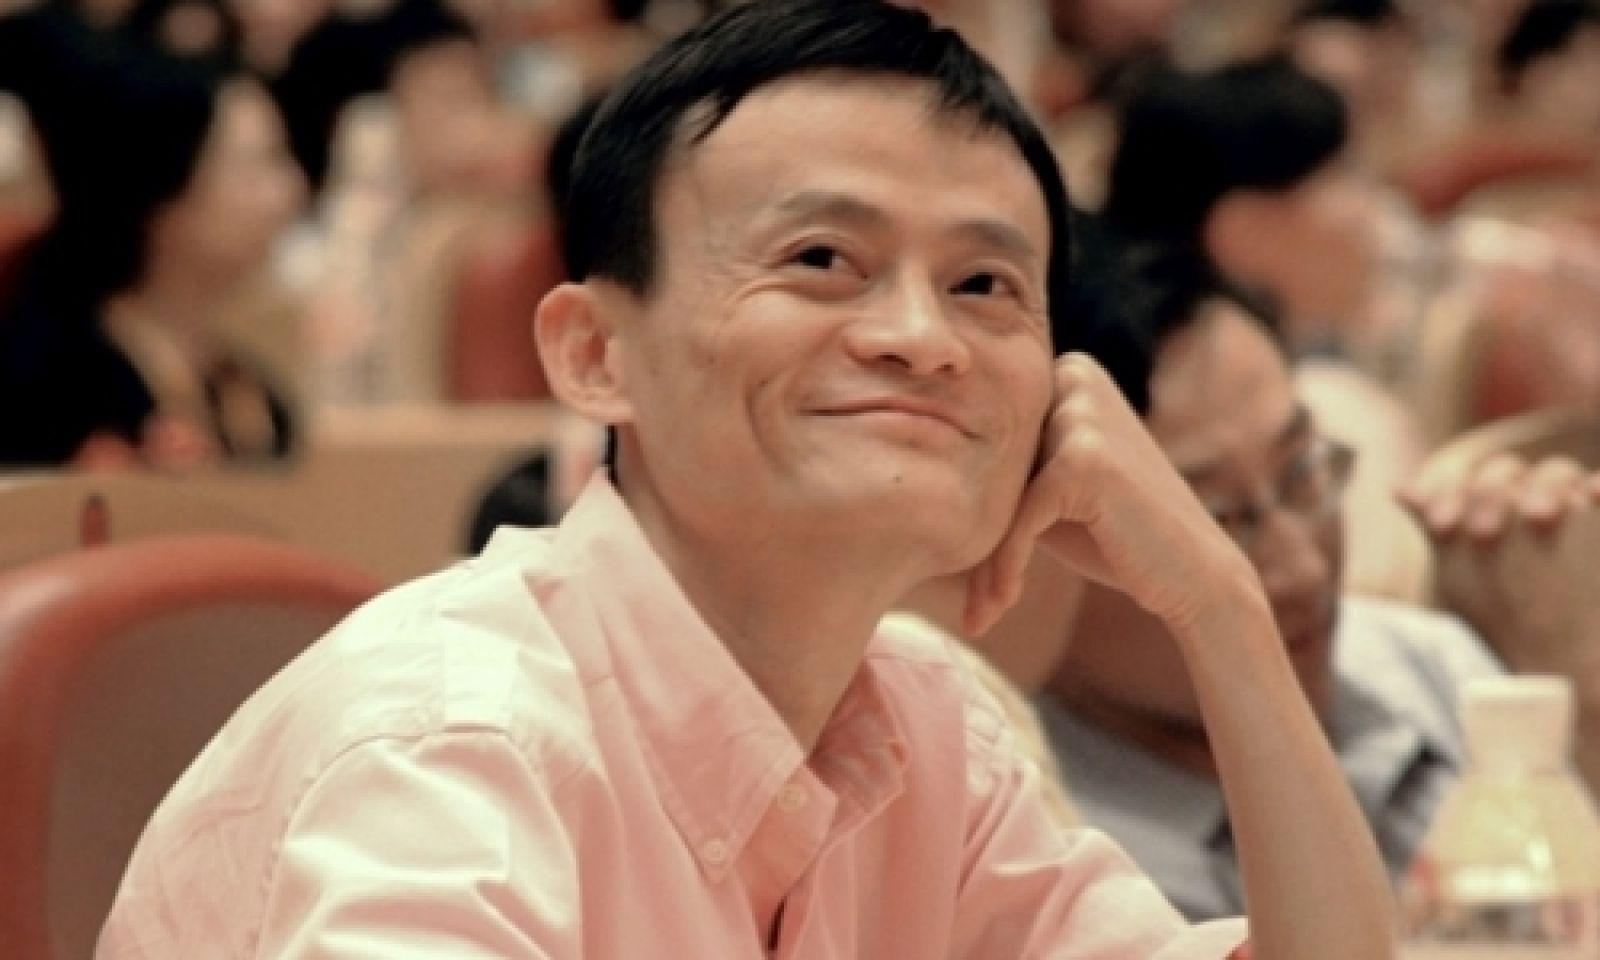 Ông chủ Alibaba - Jack Ma trong một sự kiện tại Trung Quốc. Ảnh: SCMP